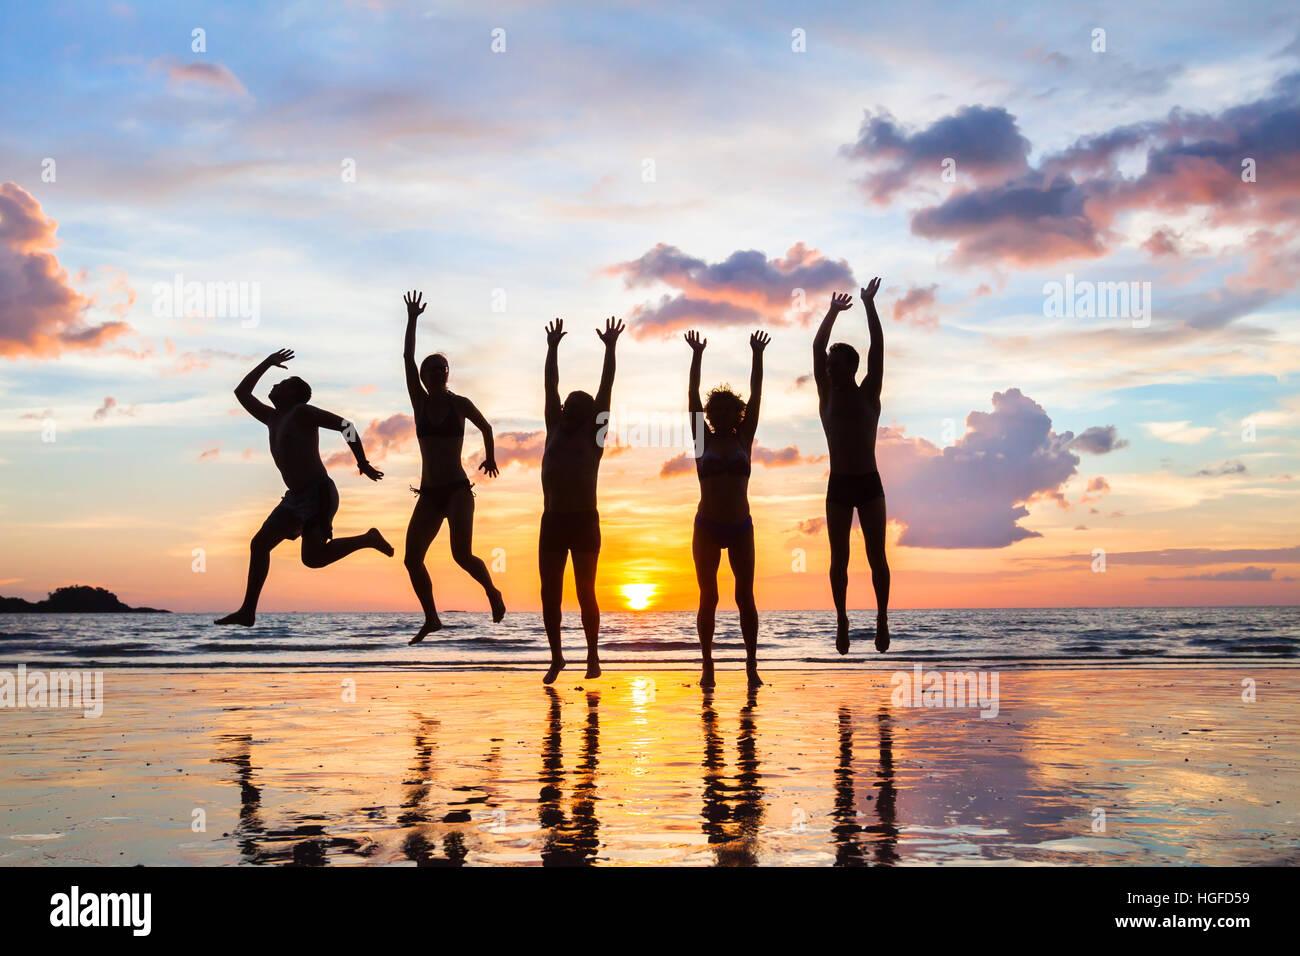 Grupo de personas saltando por la playa al atardecer, siluetas de feliz amigos de vacaciones Imagen De Stock